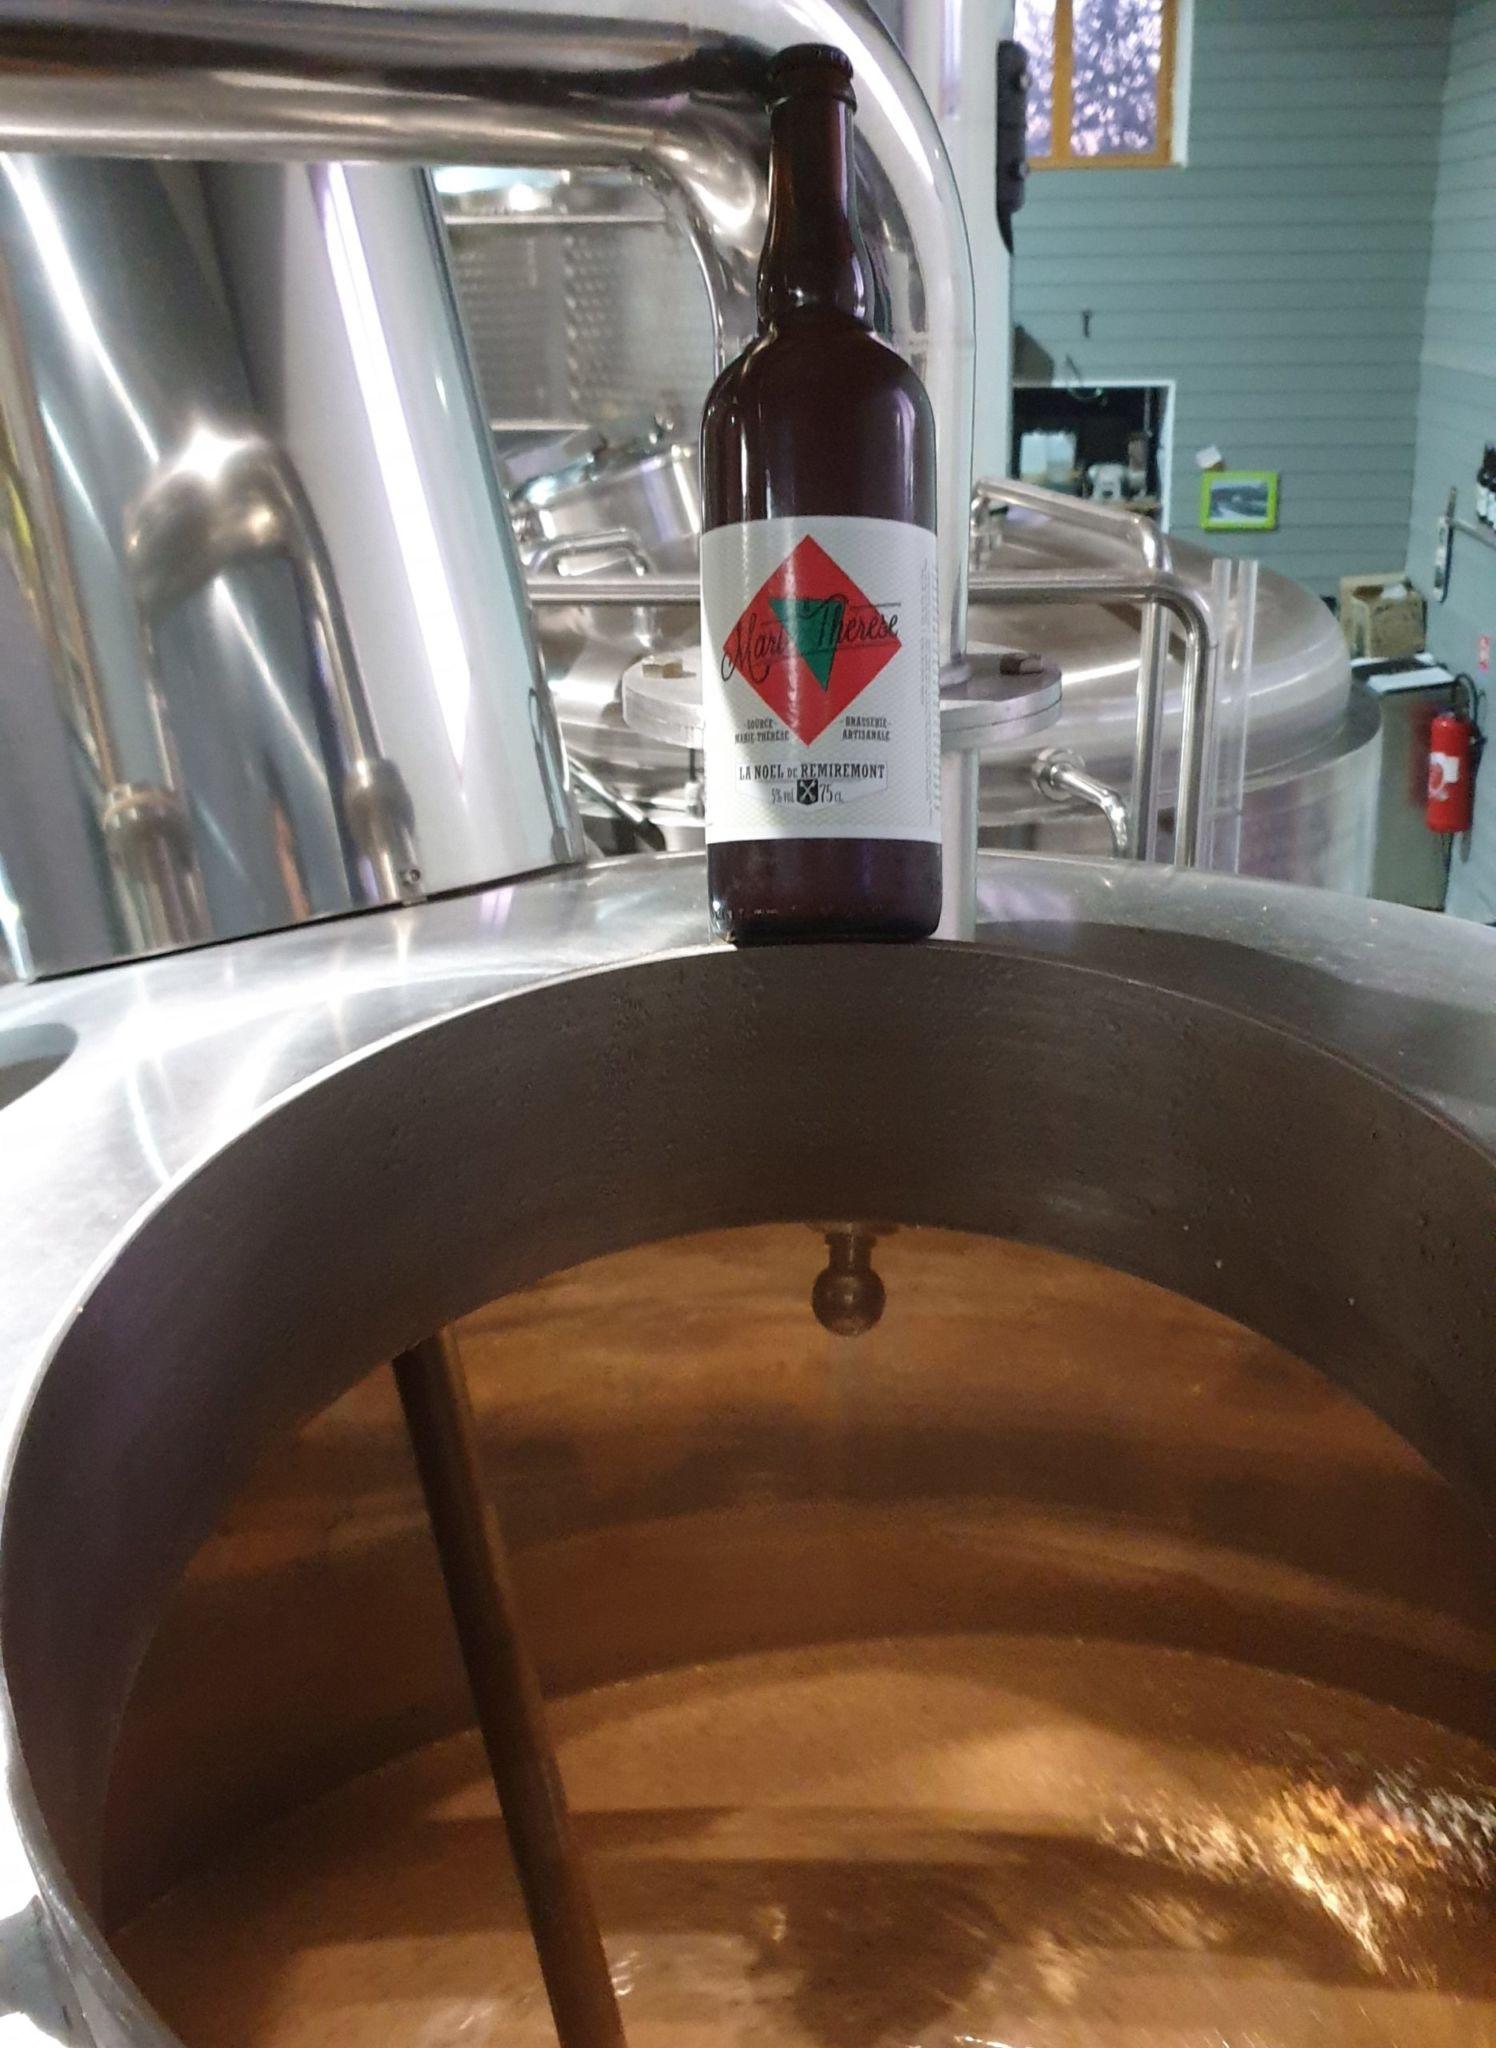 Bière de noël au dessus de la cuve